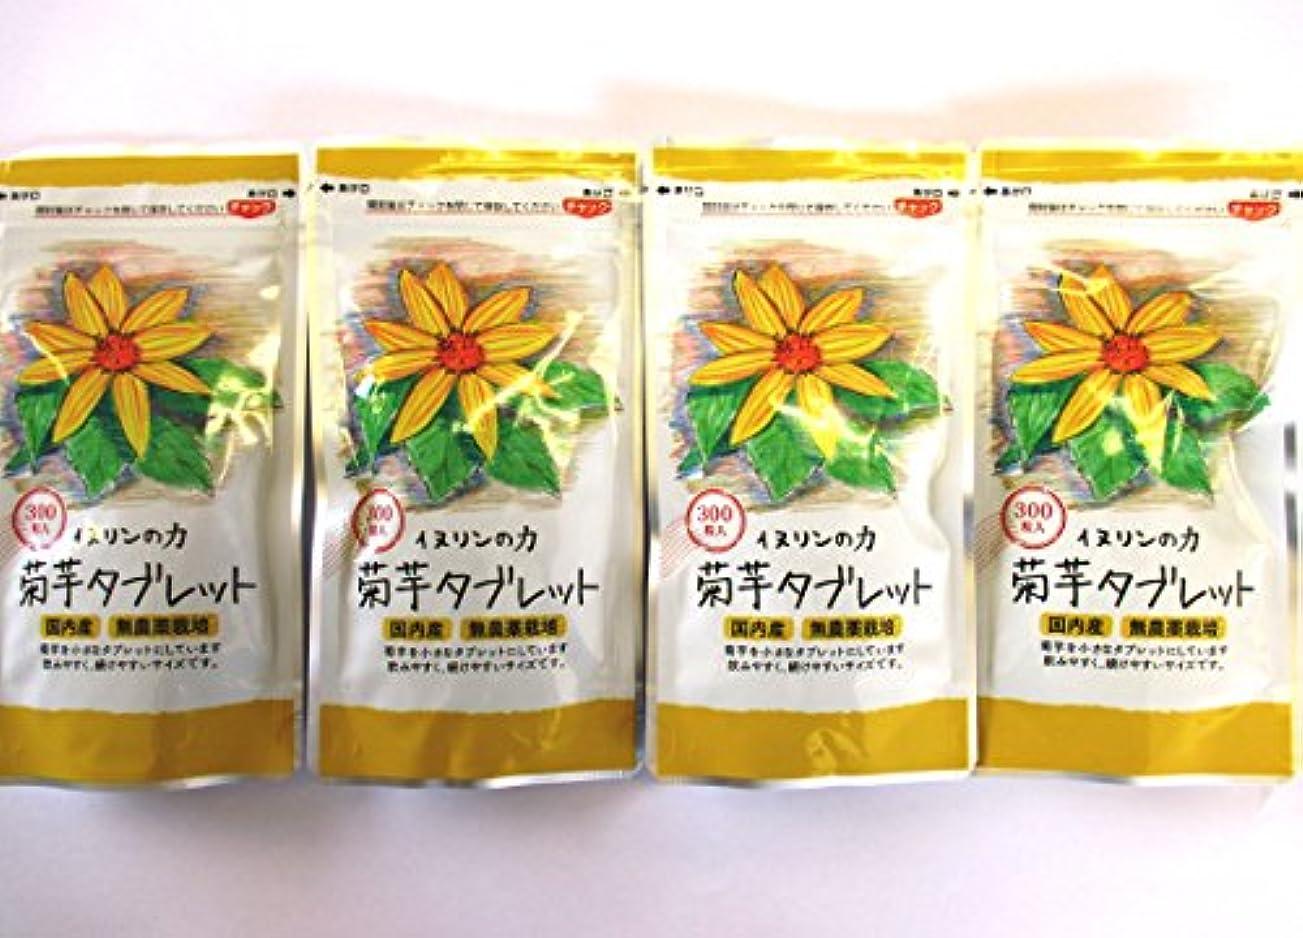 思いやりのある回転させる不安定な菊芋タブレット 250mg×300粒 4個セット 内容量:300g ★4袋で生菊芋=2640g分相当です!